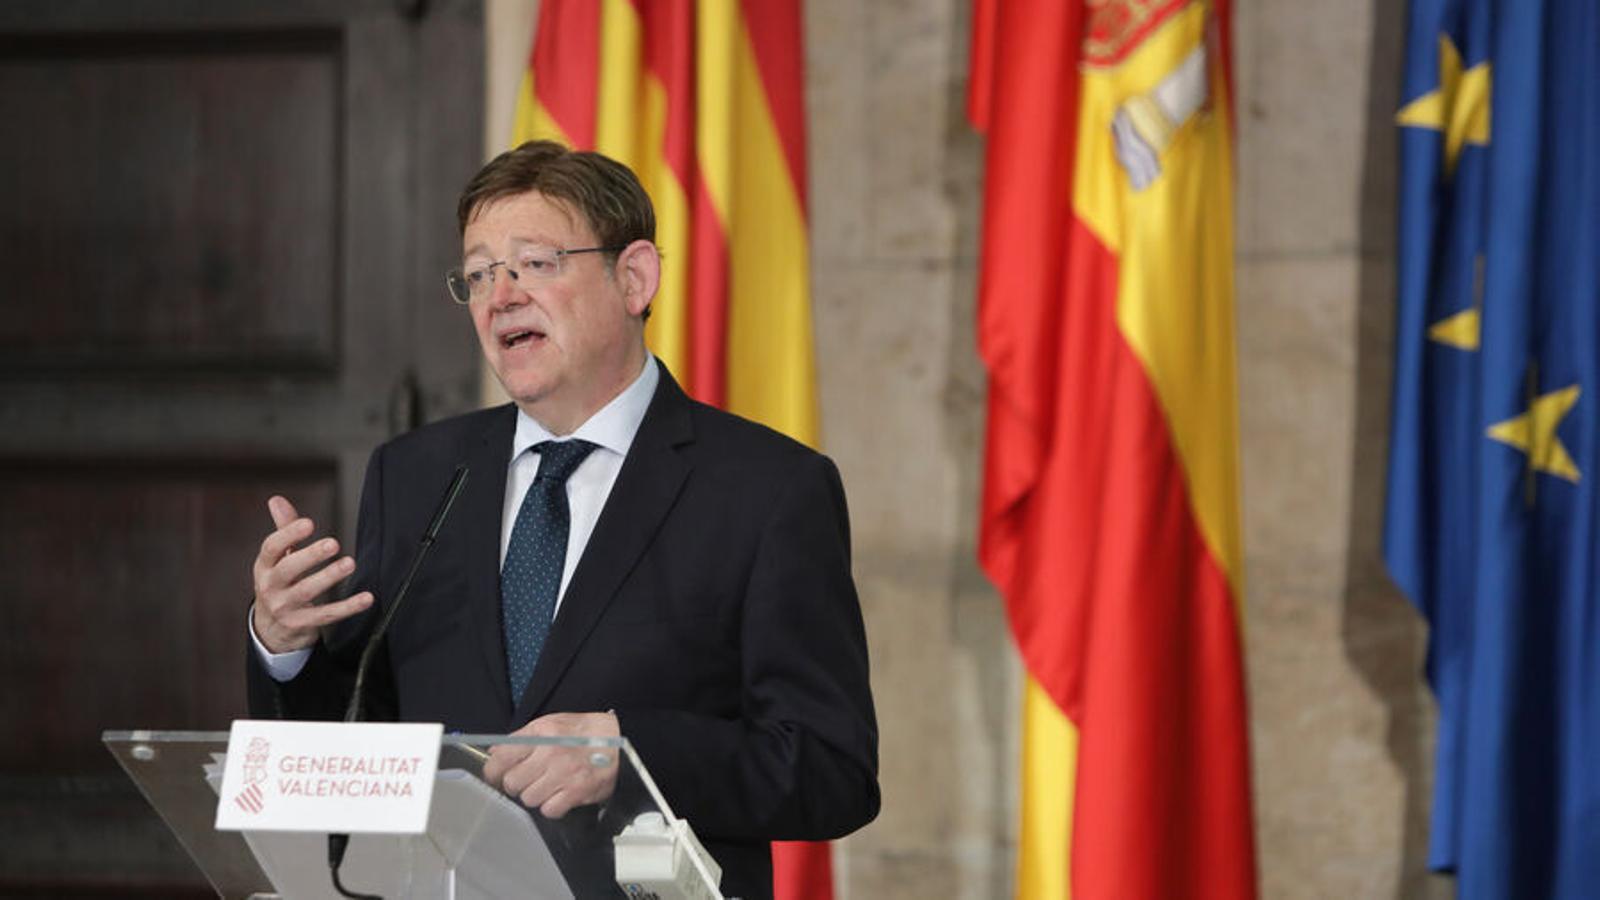 El Suprem tomba el decret valencià que establia que les comunicacions amb Catalunya s'havien de fer només en català